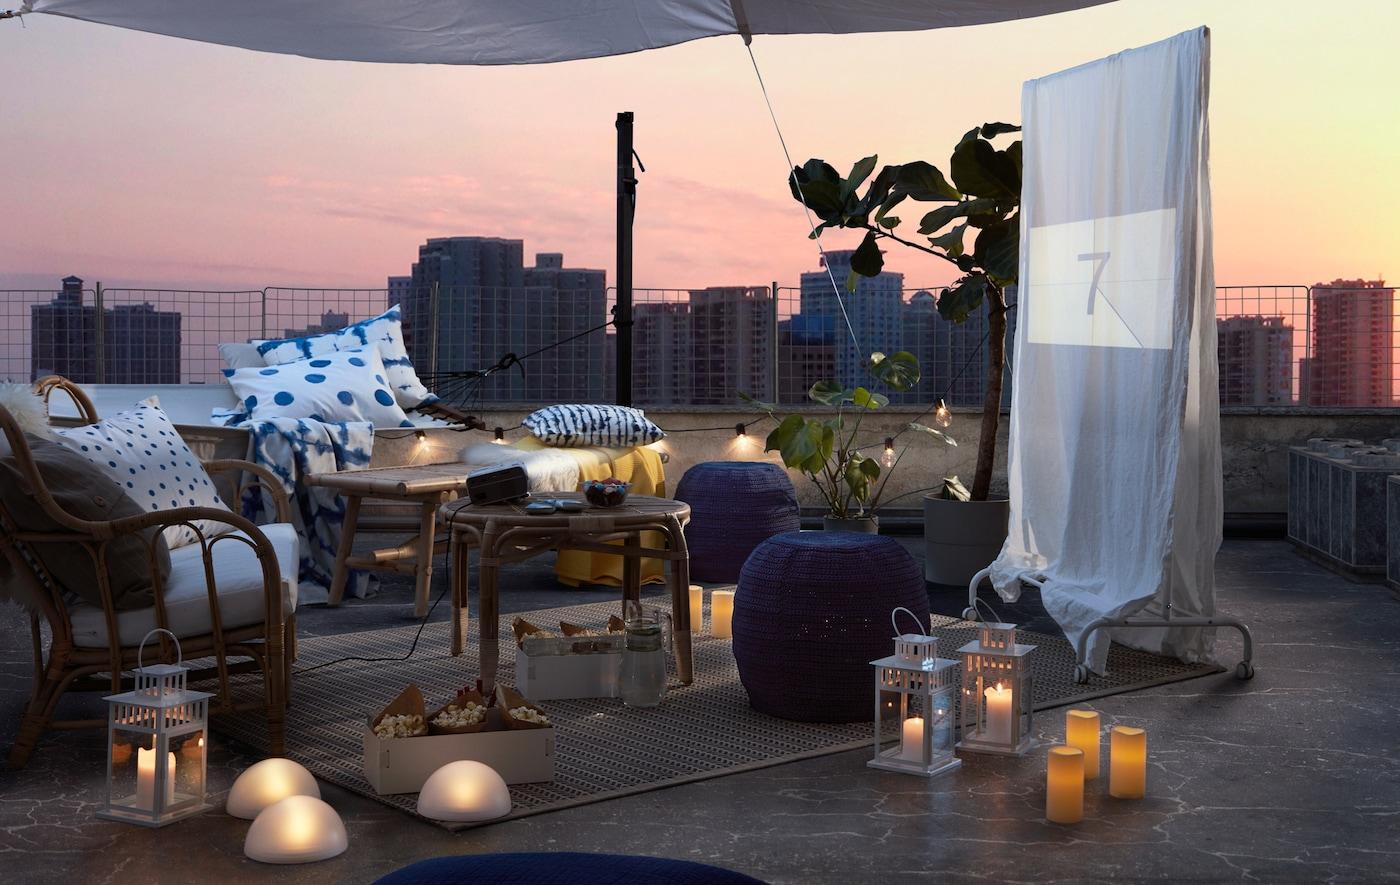 Häuserdach mit Außengestaltung & Sitzgelegenheit, LED Beleuchtung & Textilien bei Dämmerung.